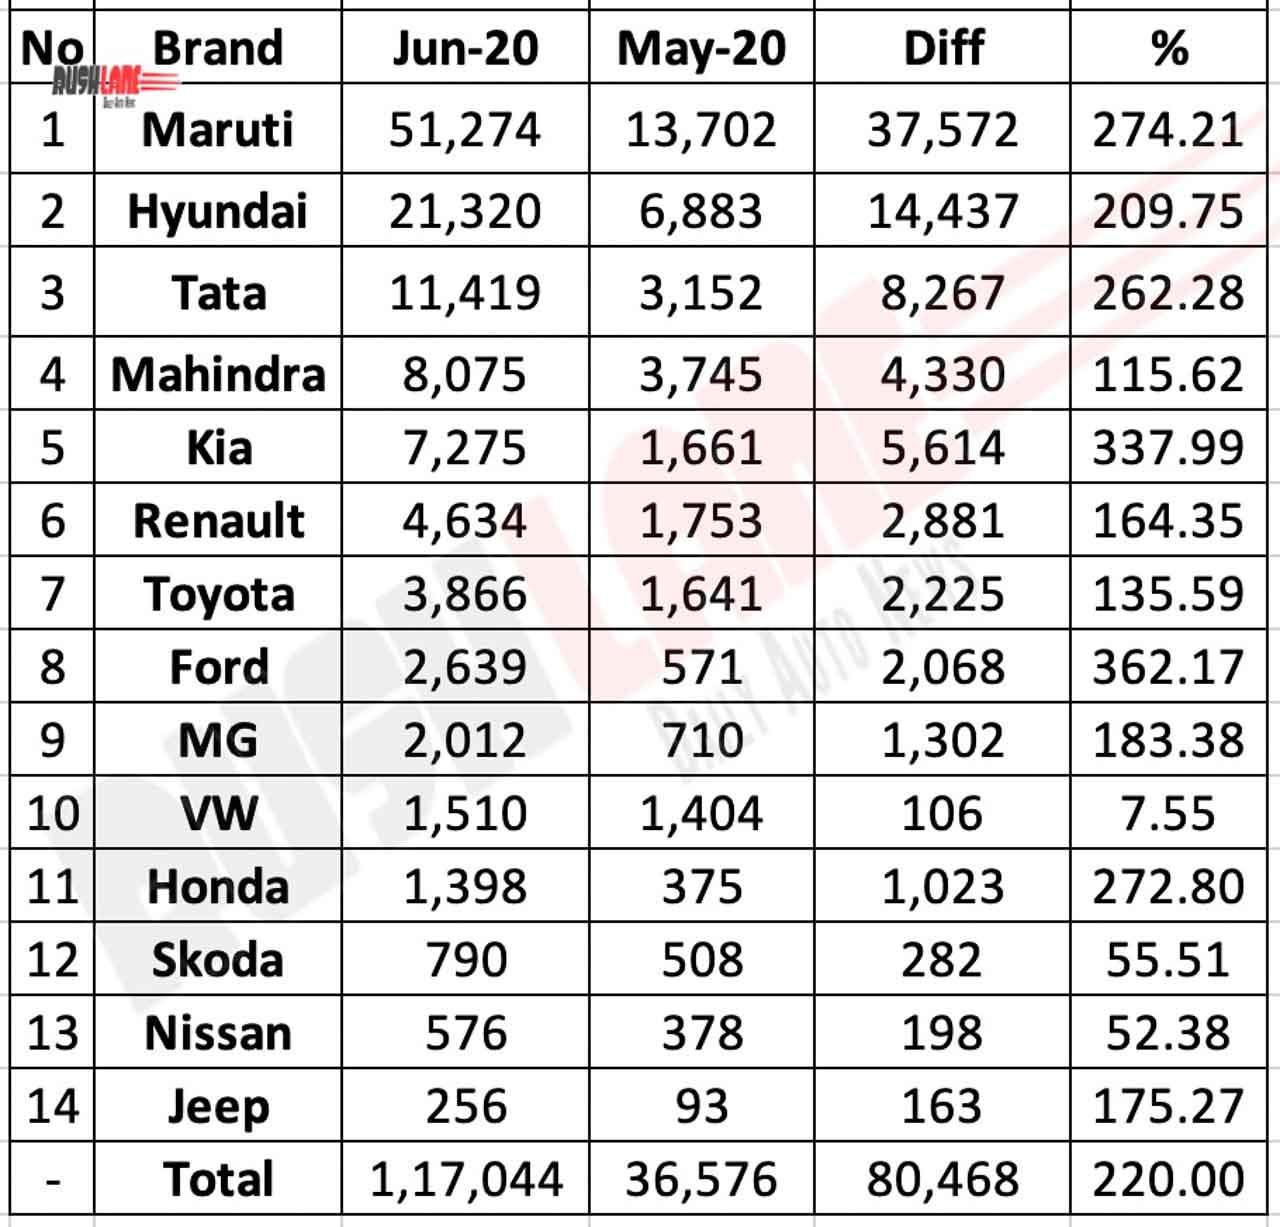 Car Sales June 2020 vs May 2020